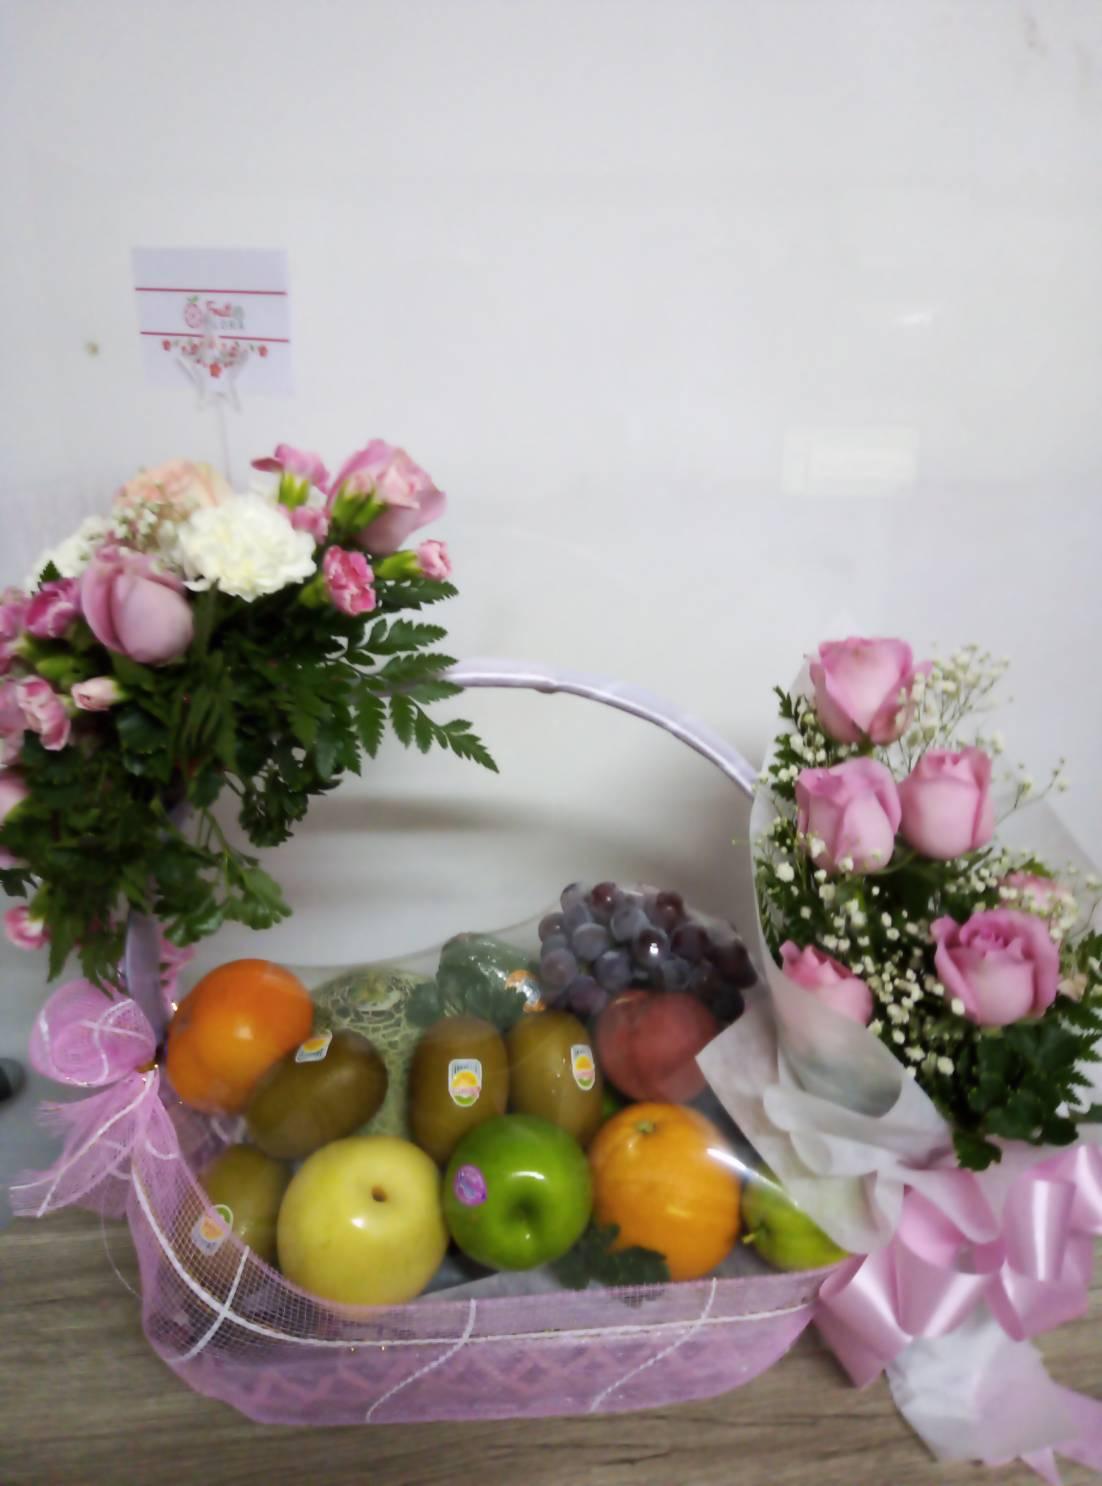 กระเช้าผลไม้ไซส์บิ๊ก มาพร้อมกับช่อดอกกุหลาบแสนสวย ยินดีจัดส่งให้คุณค่ะ